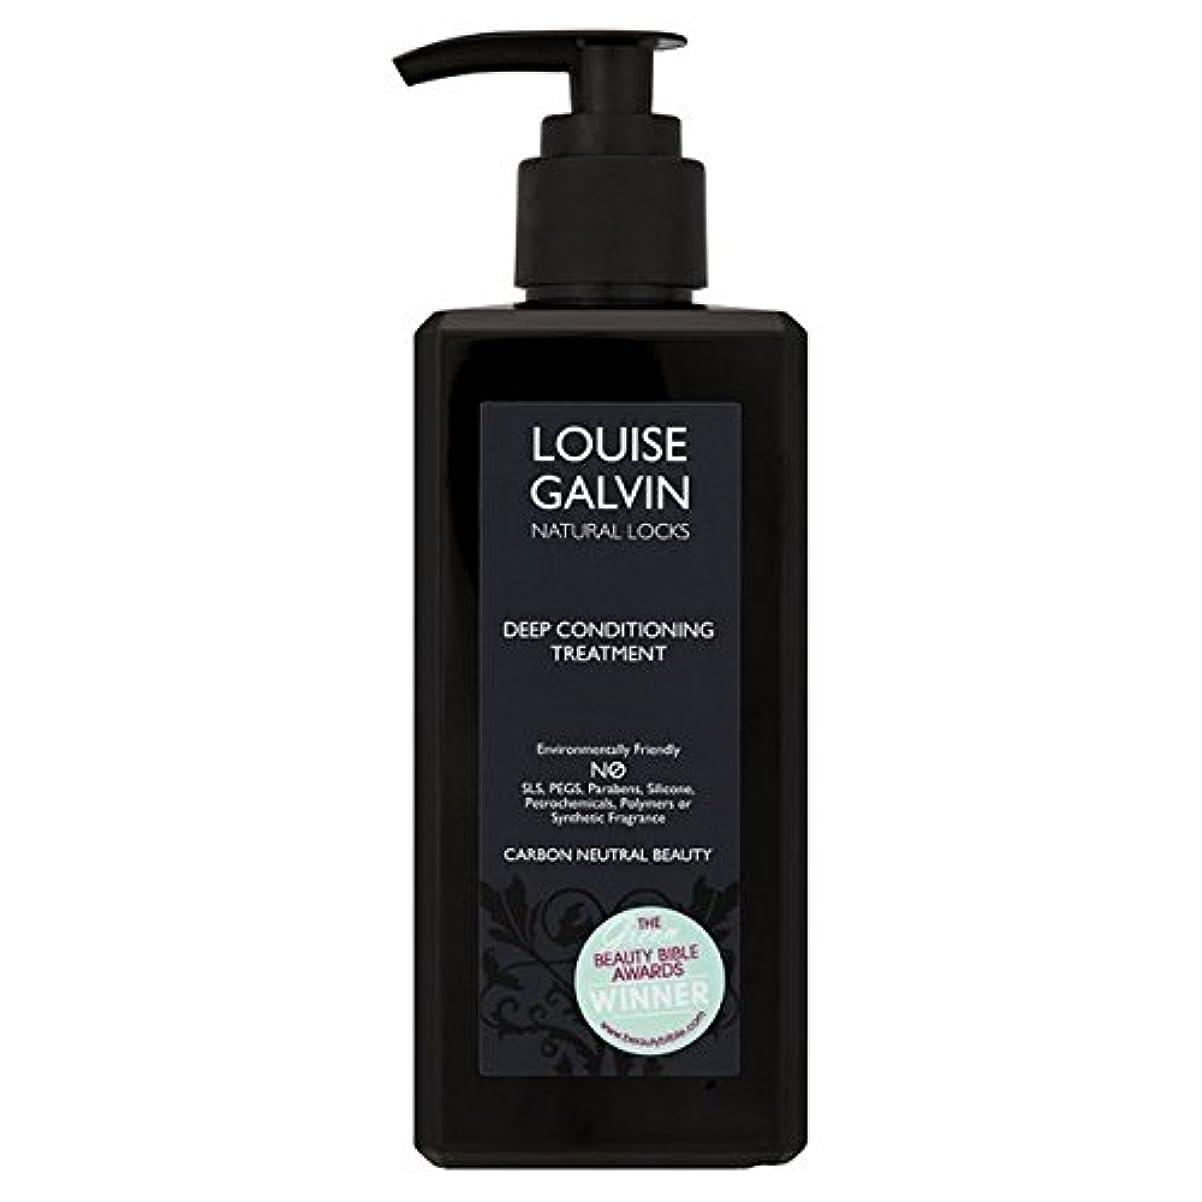 原告クルーハプニングLouise Galvin Pure Shine Conditioner For Normal Hair 300ml (Pack of 6) - ノーマルヘア300ミリリットルのためのルイーズガルビン純粋な輝きコンディショナー...